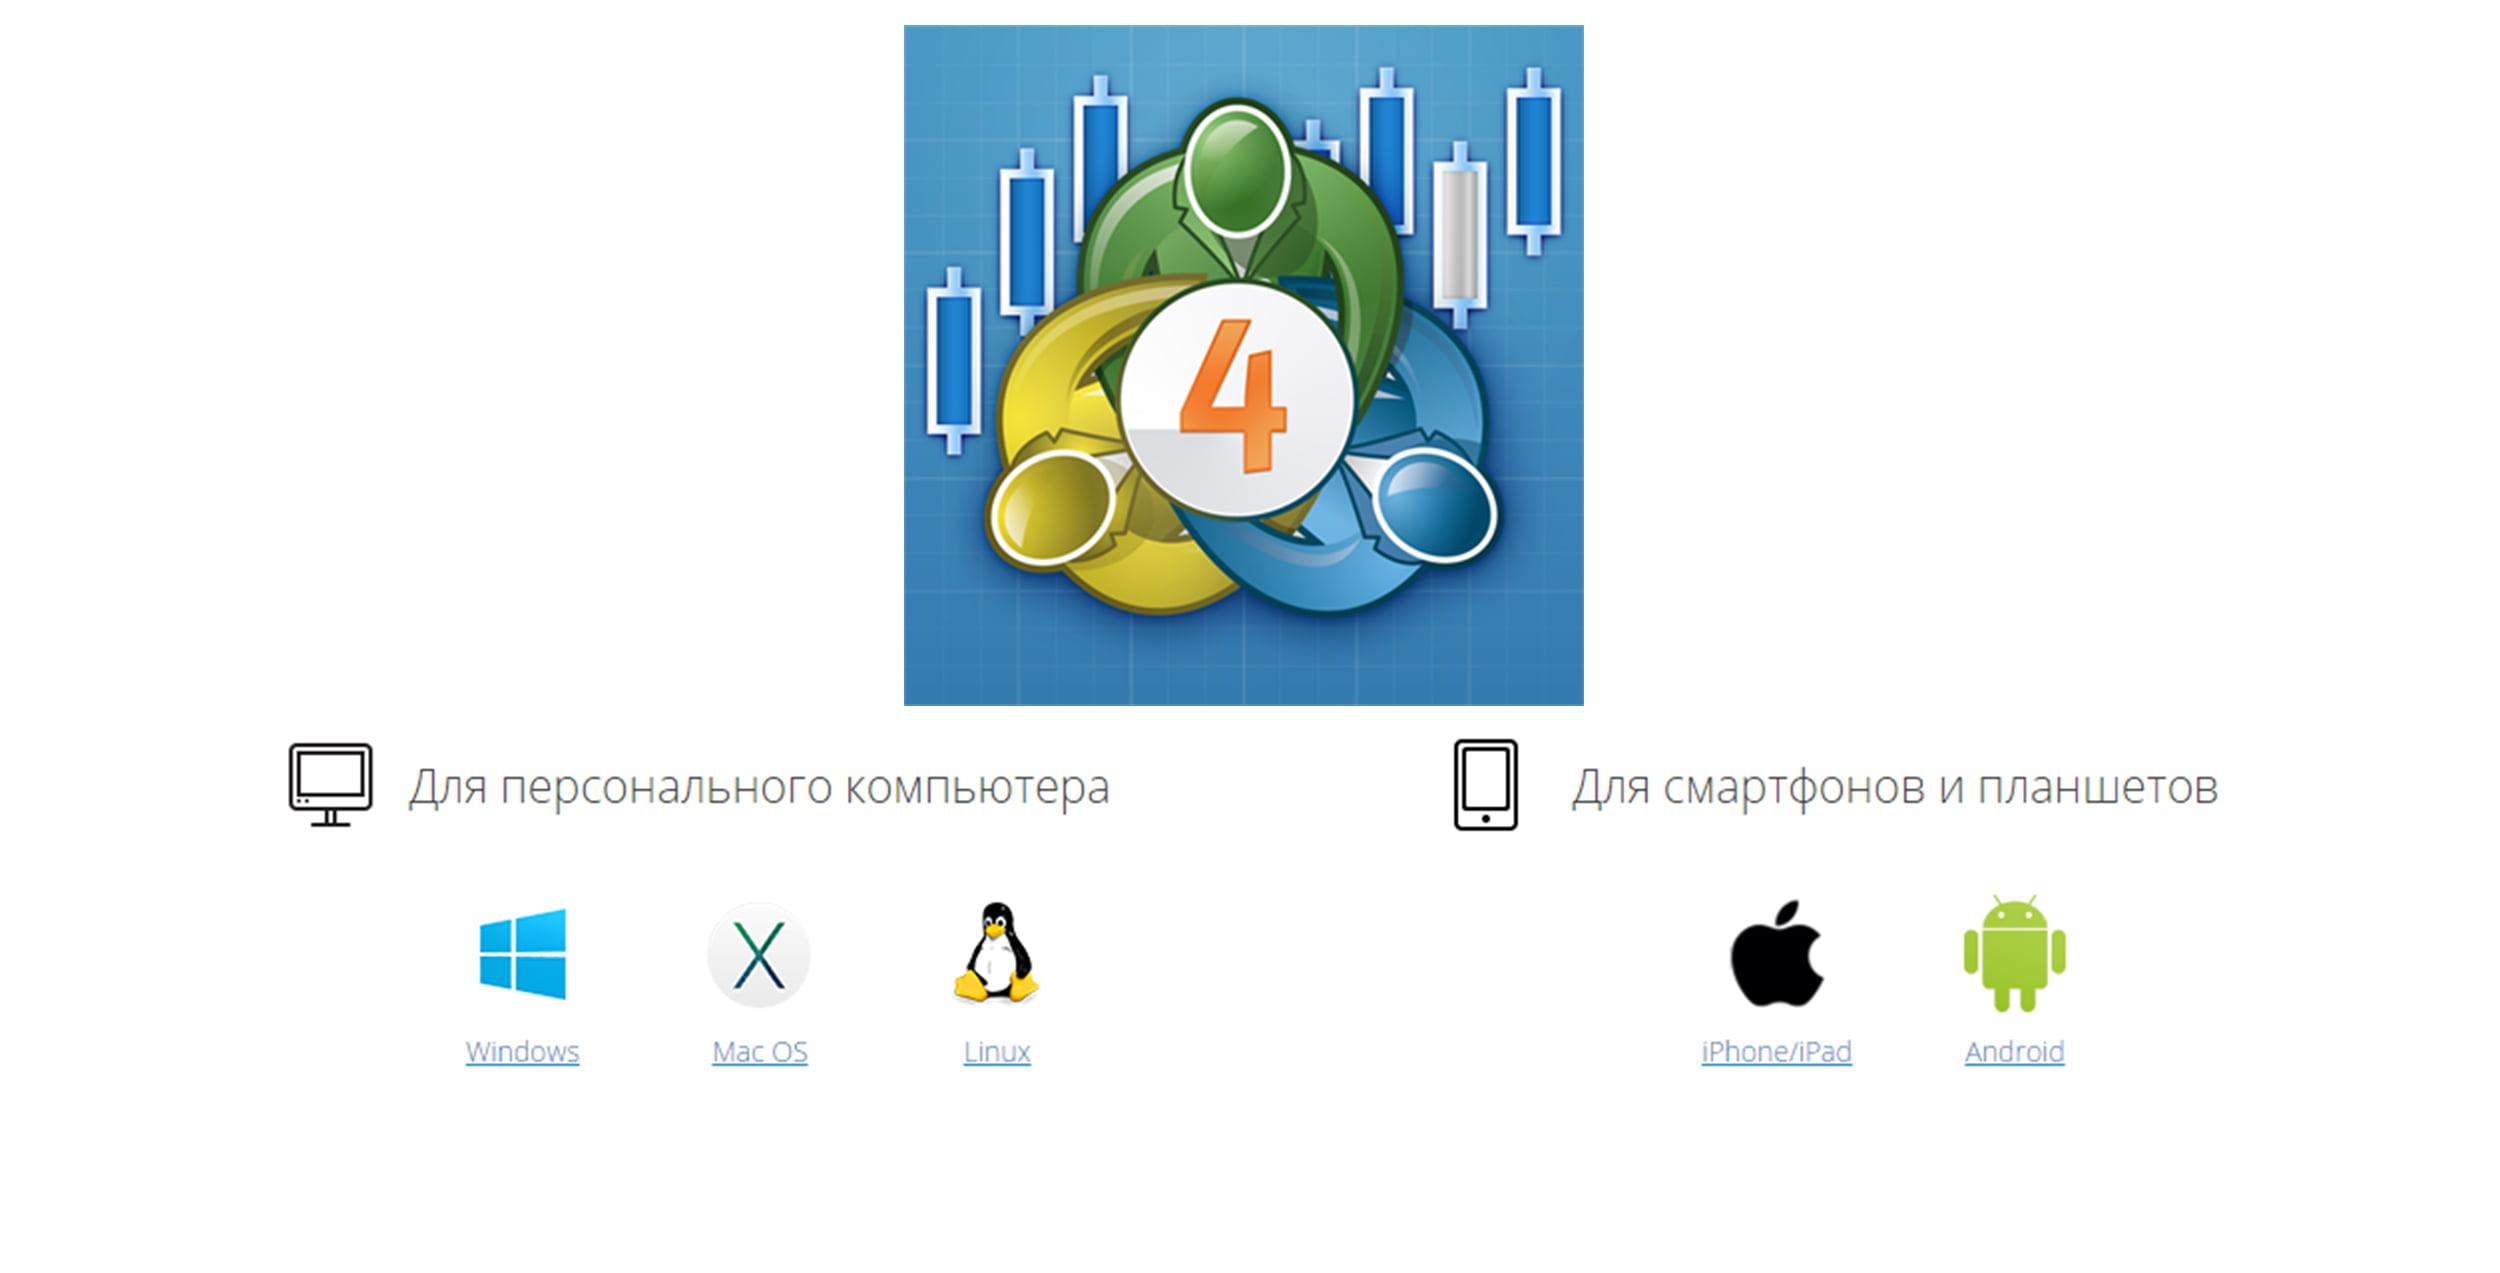 У профессионалов торговый терминал Metatrader 4 доступен в нескольких версиях